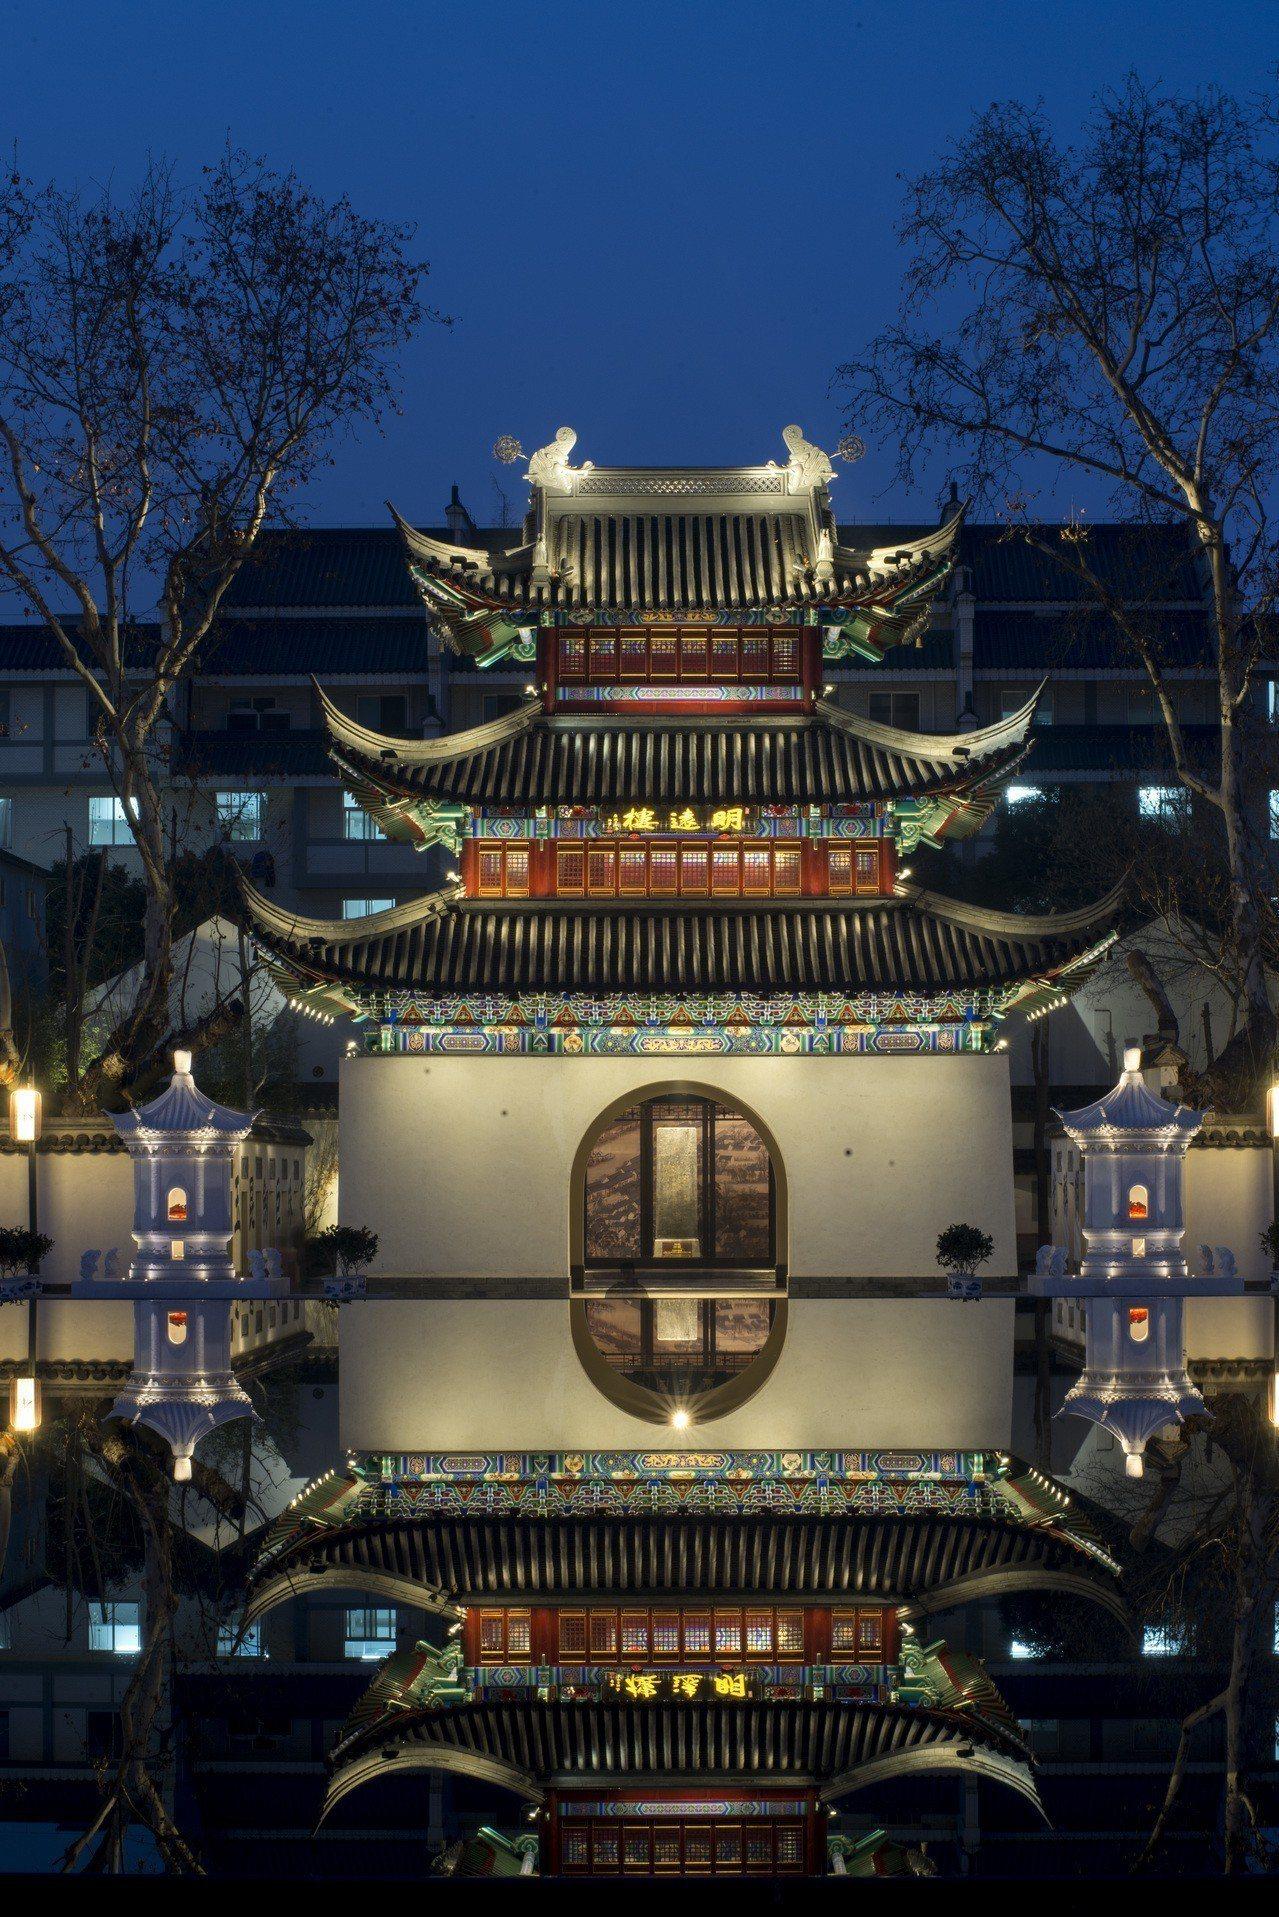 燈影裡的江南貢院 ©謝光輝